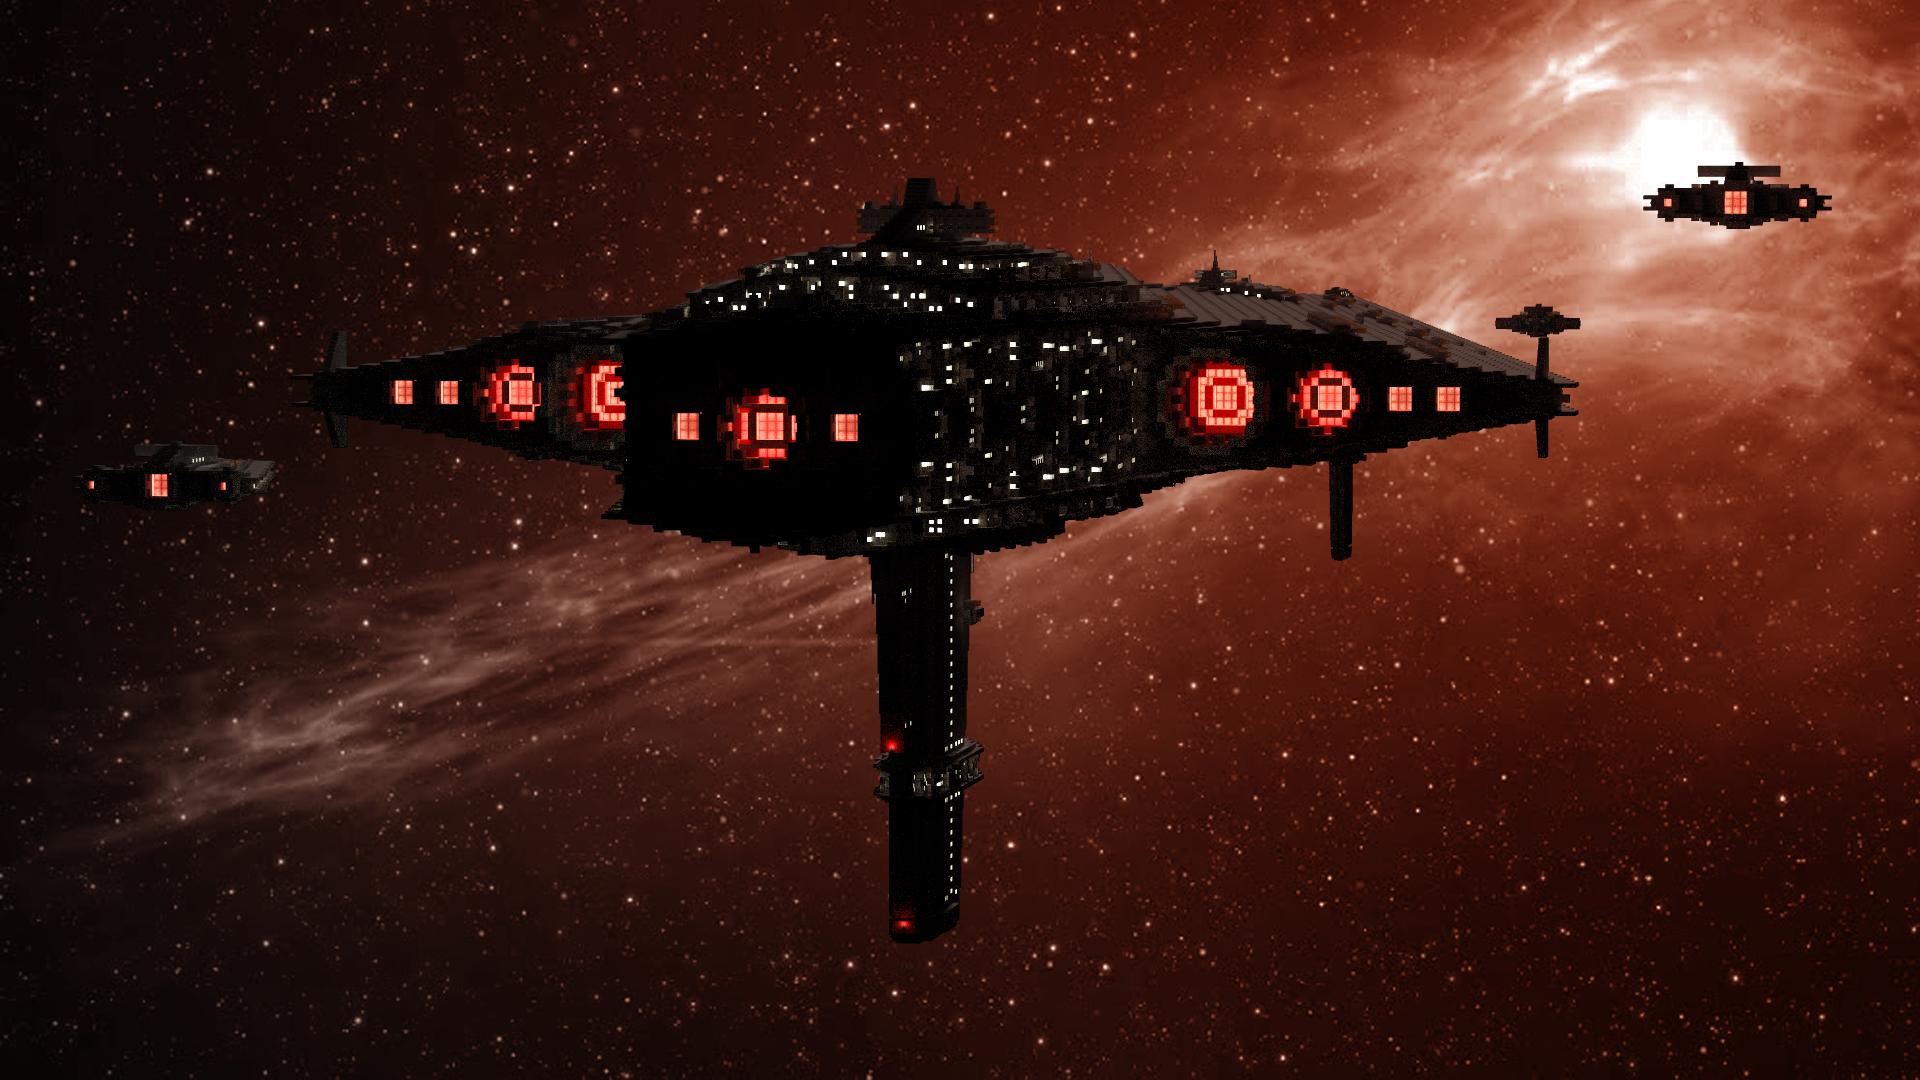 Imperial_fleet62-3000.png